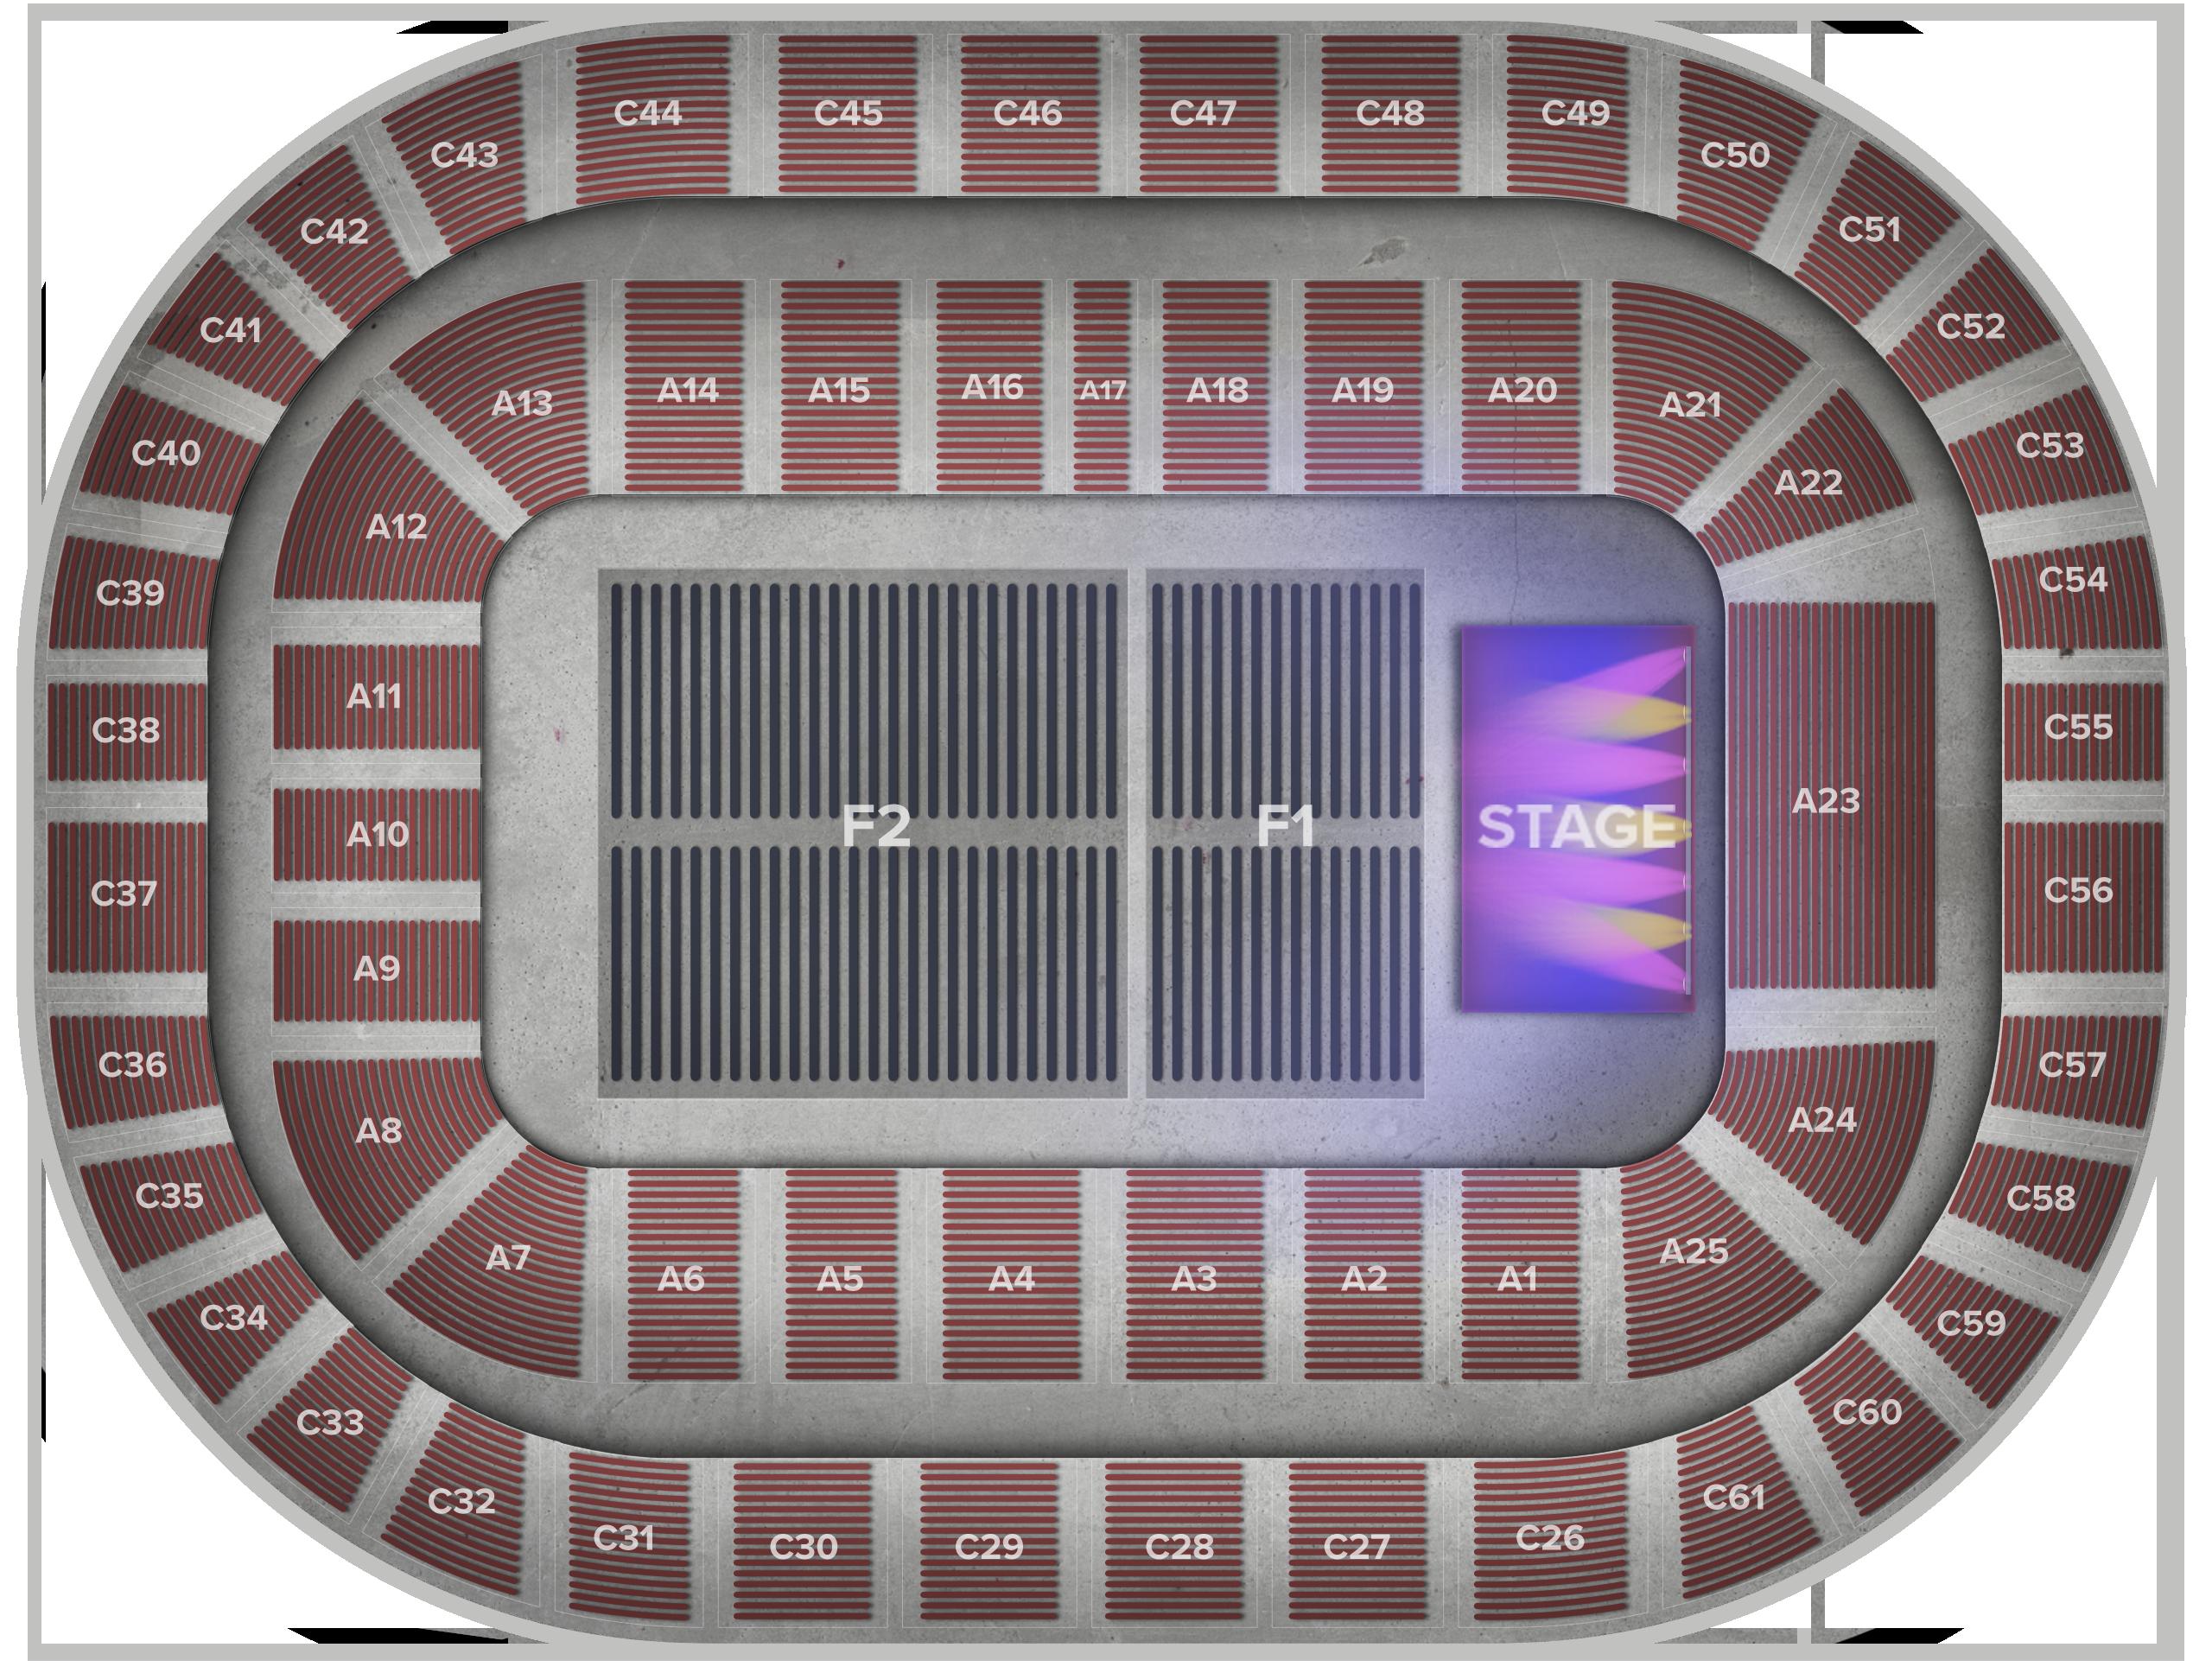 Ford Idaho Center Tickets